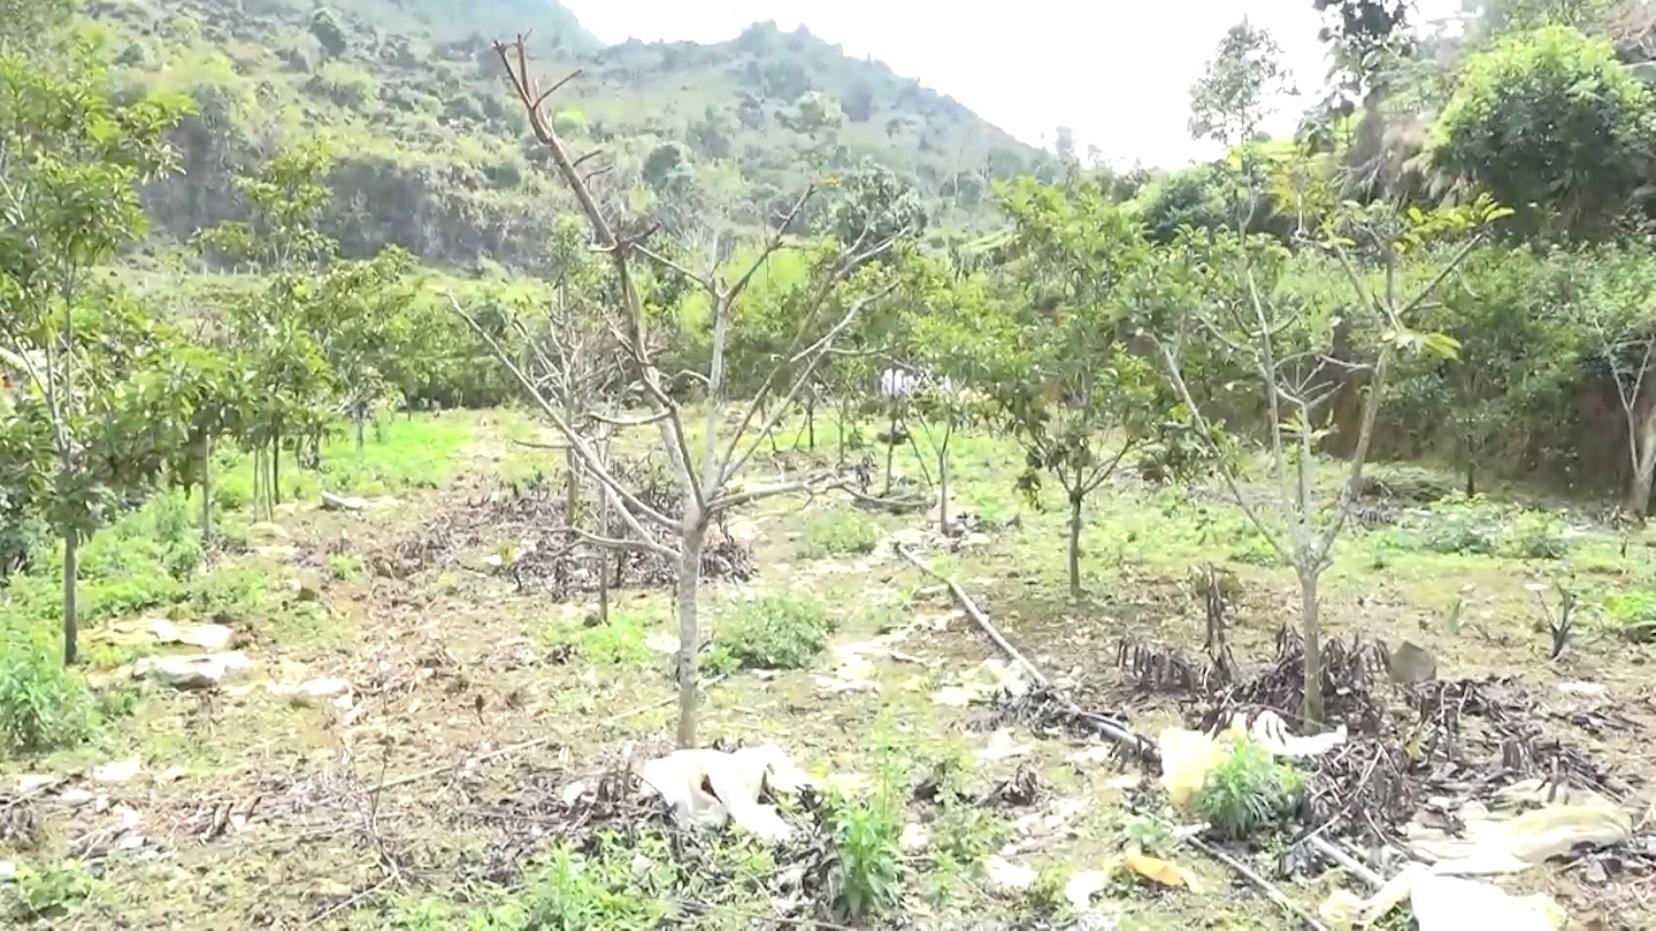 Yên Bái: Triển vọng từ mô hình trồng na ở huyện Văn Chấn - Ảnh 4.